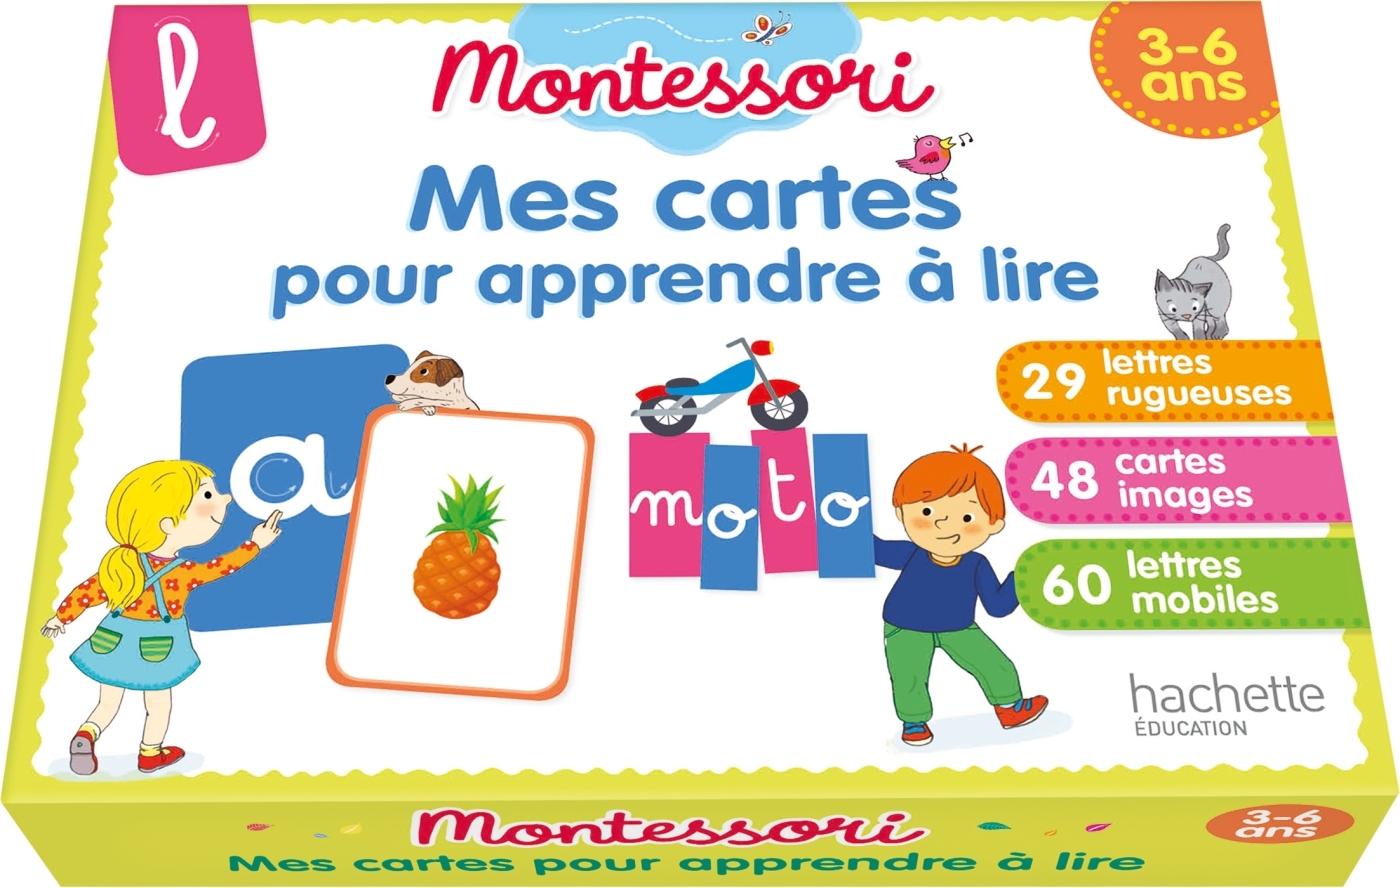 MONTESSORI MES CARTES POUR APPRENDRE A LIRE 3-6 ANS